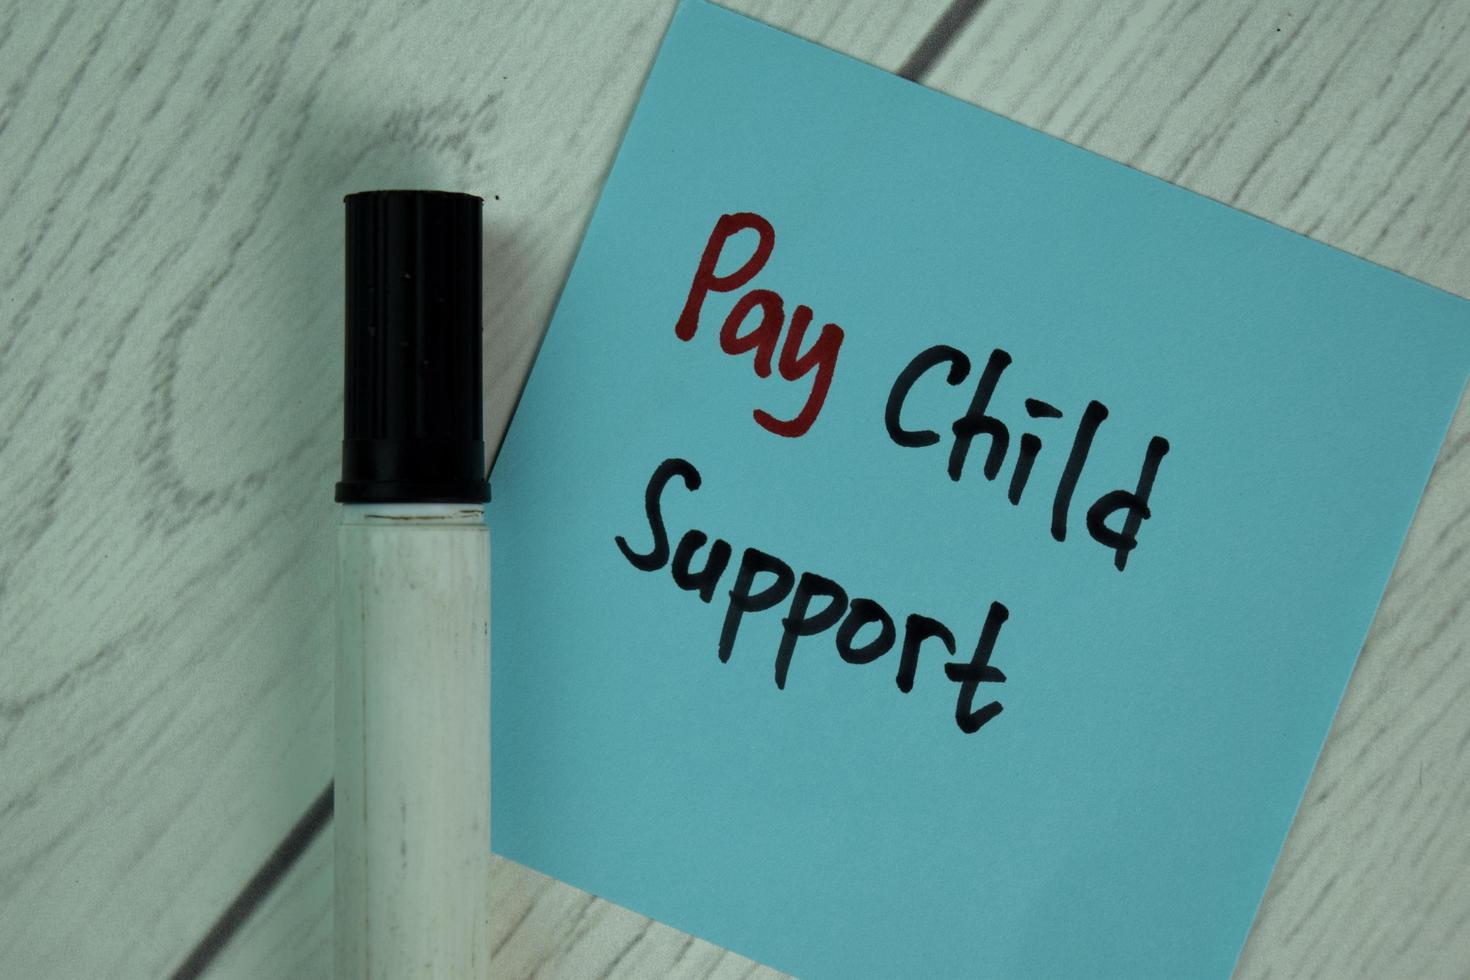 betala barnbidrag skrivet på fästis isolerad på träbord foto